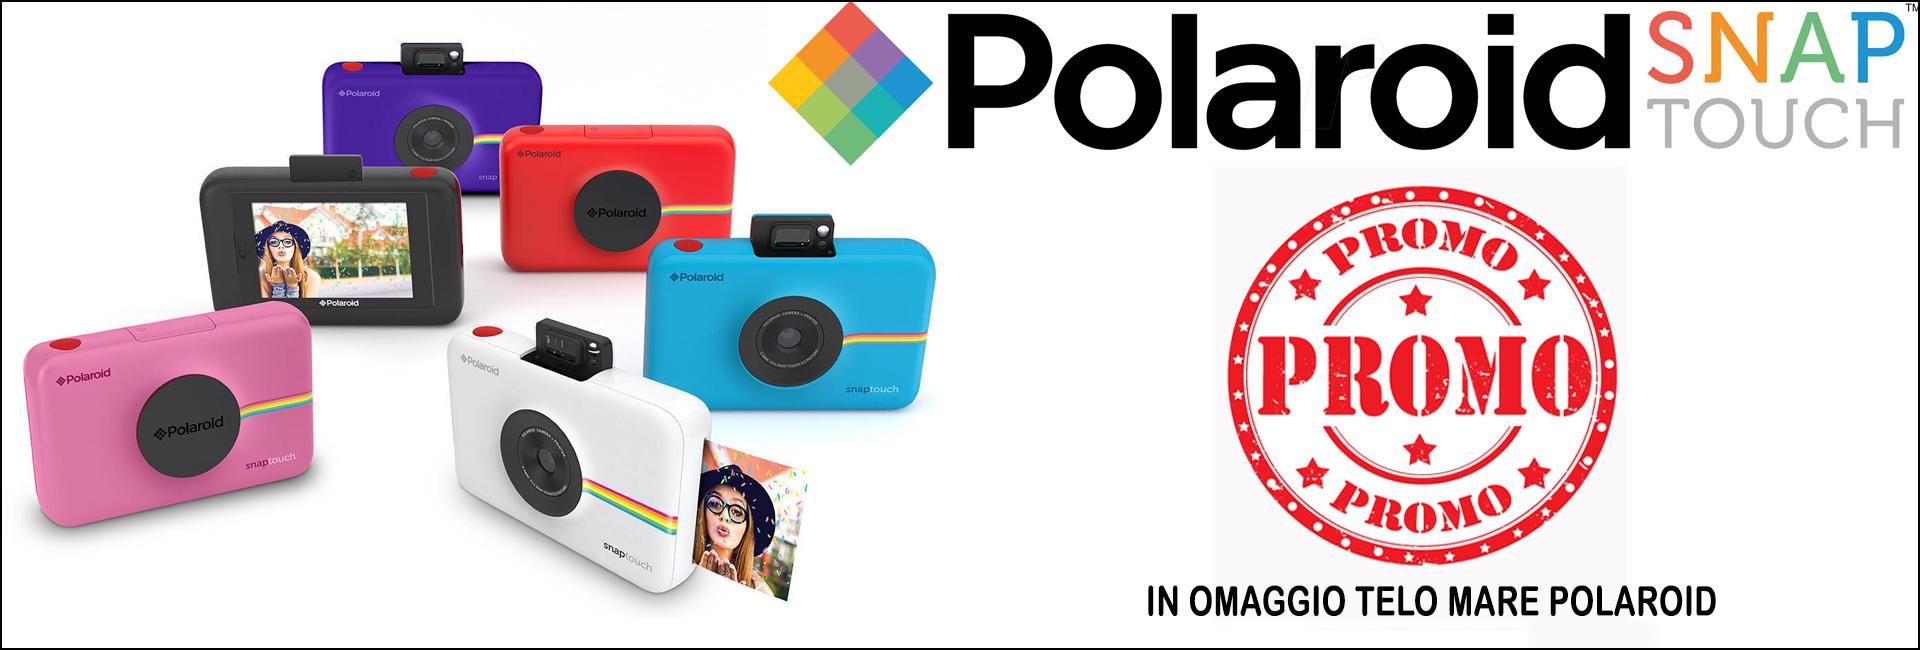 Promo Polaroid snap touch